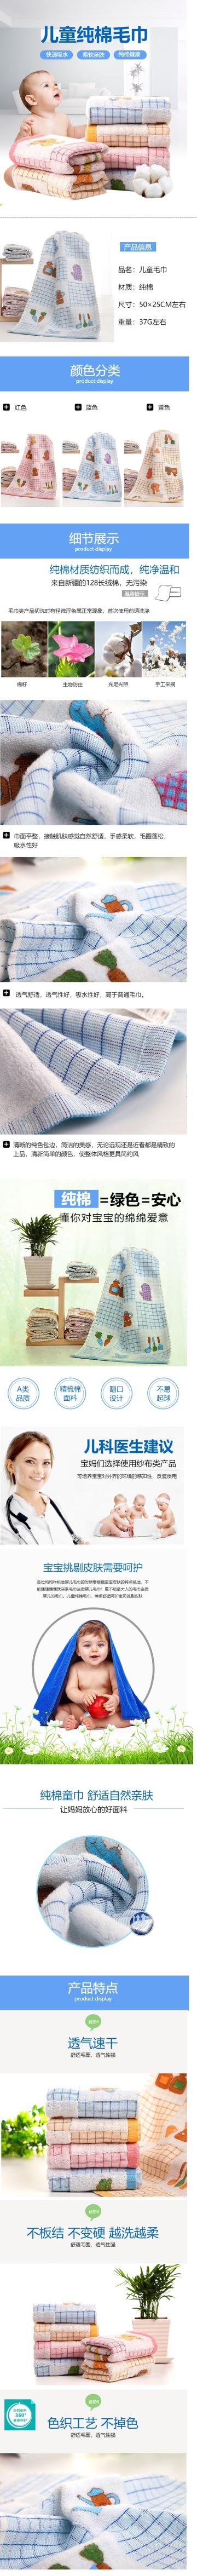 清新简约儿童毛巾电商详情页